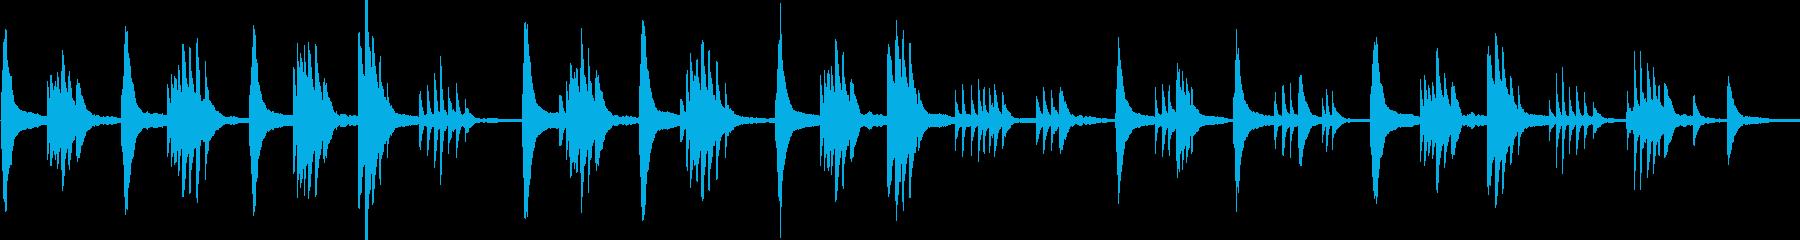 穏やかなピアノソロ フリーテンポの再生済みの波形